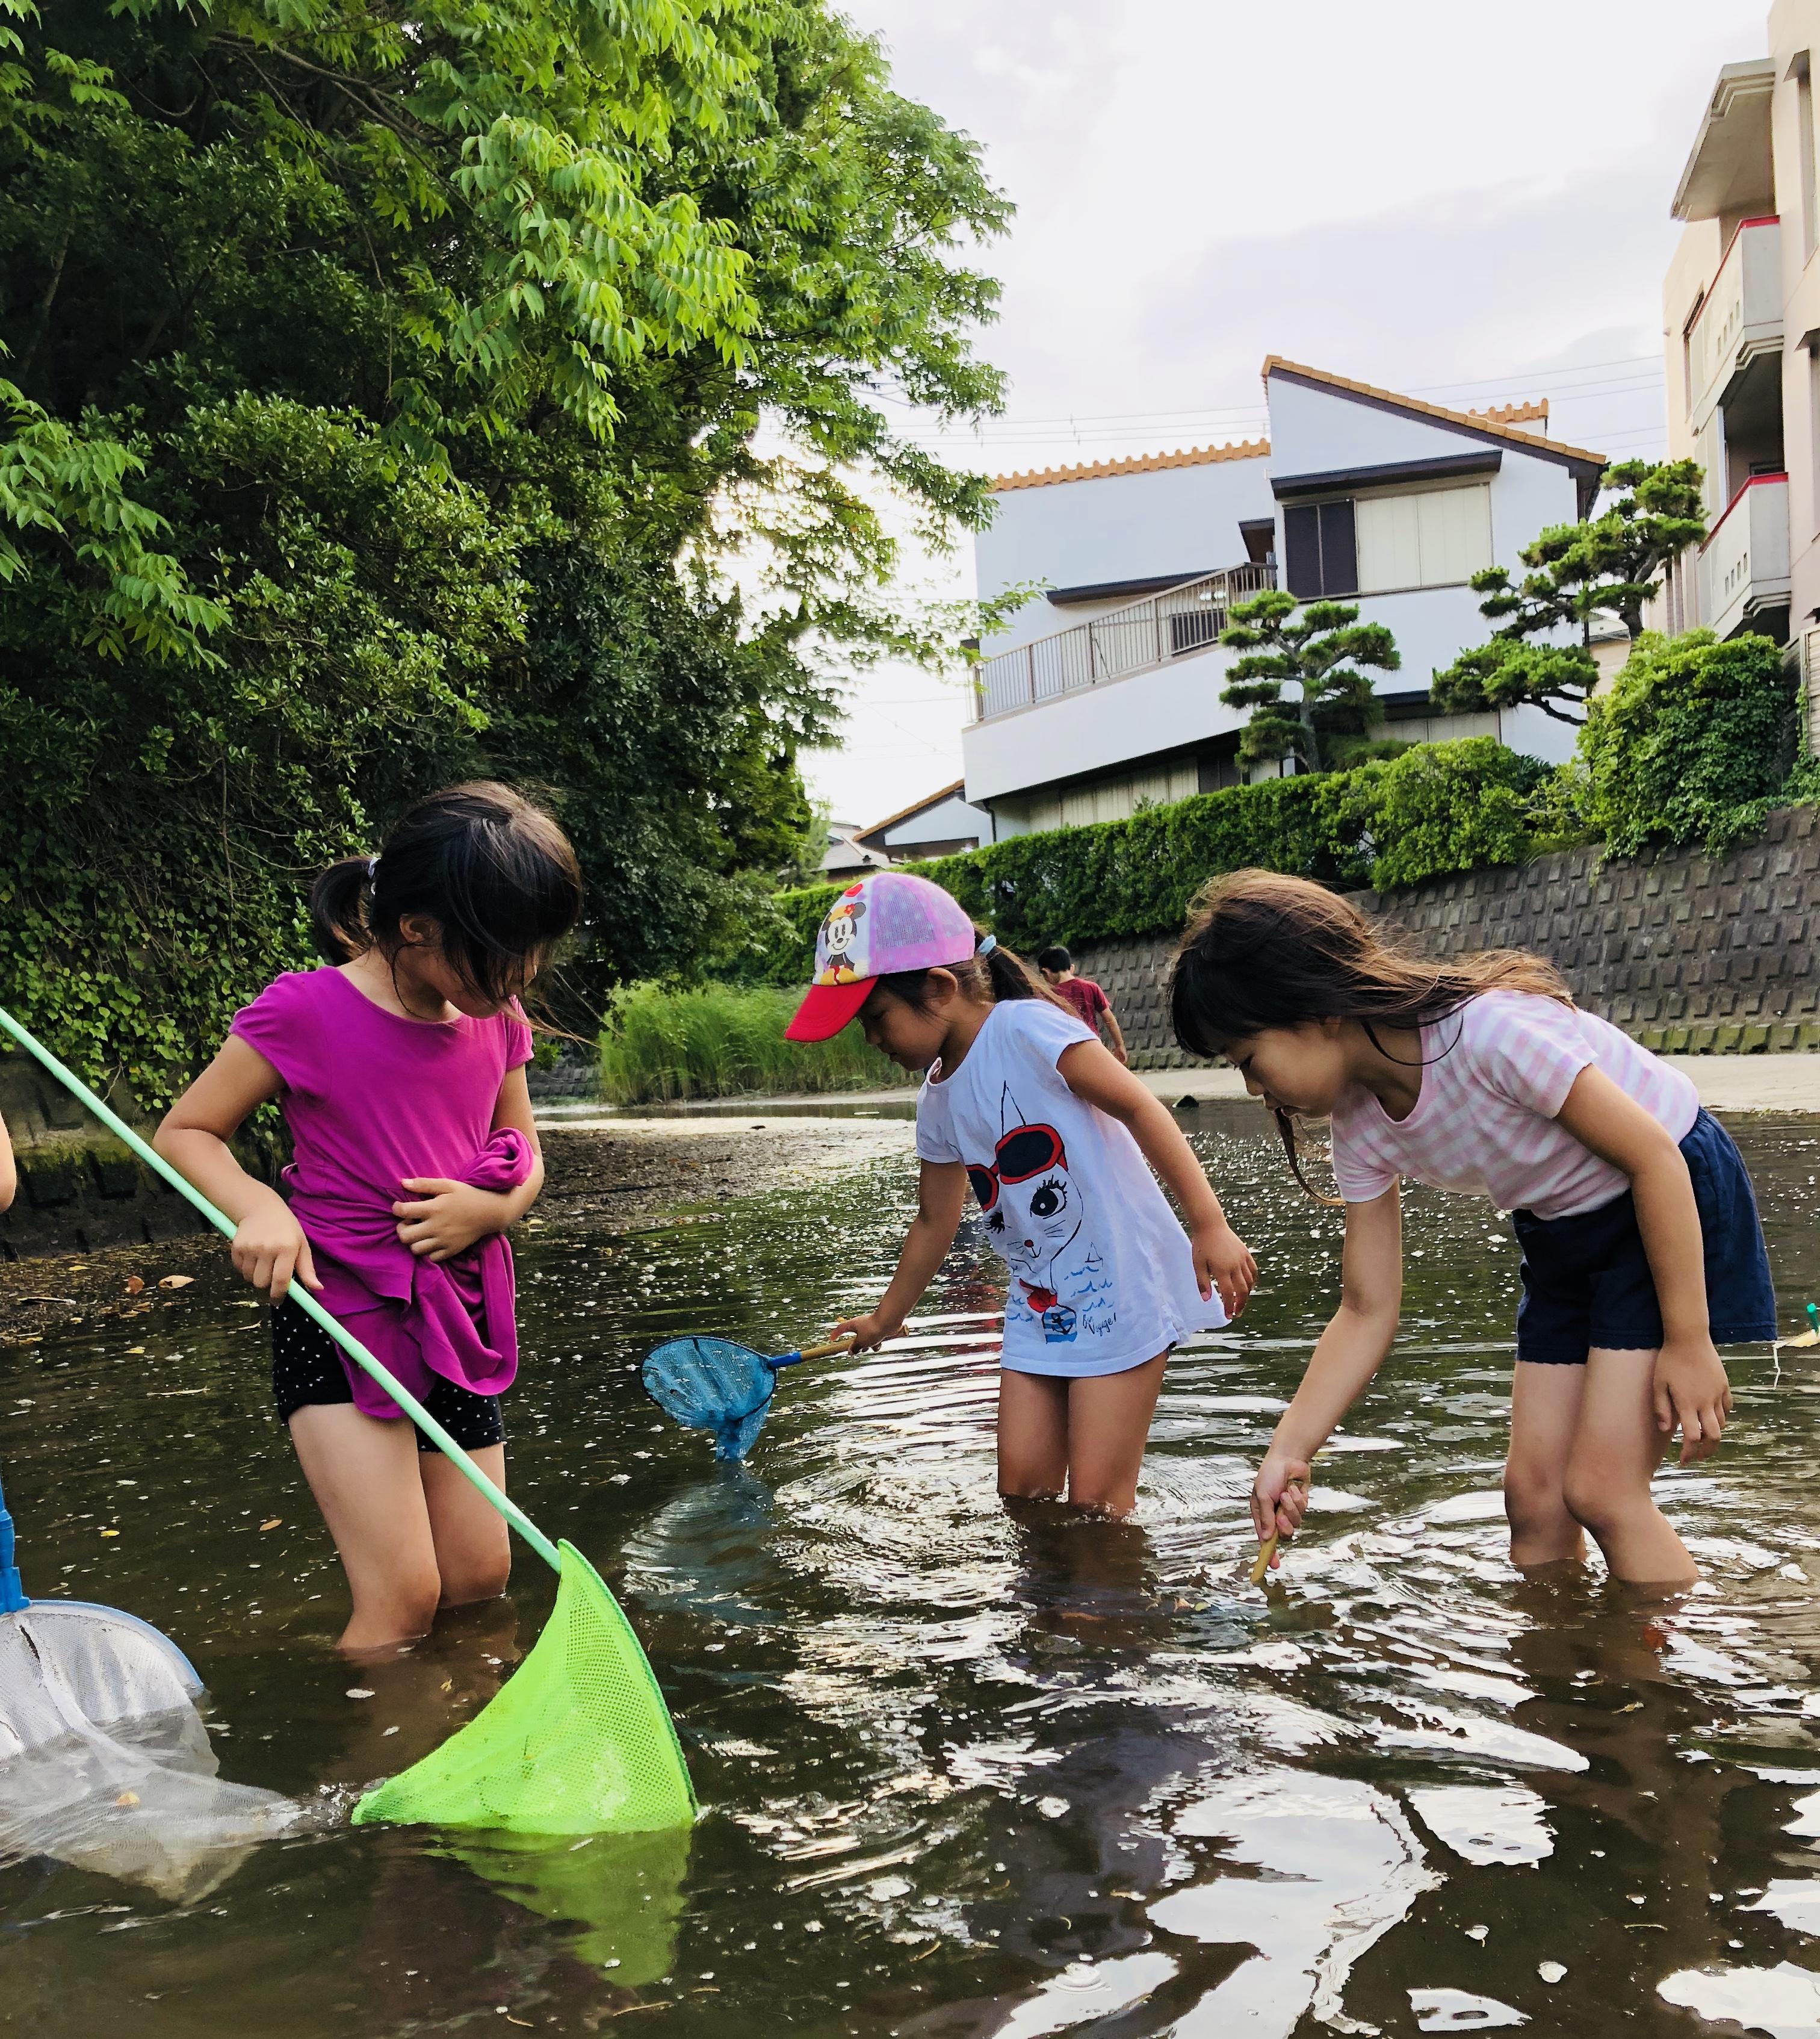 川へ魚を取りにいった夏の日〜夏休みプロジェクトのスタッフ募集!